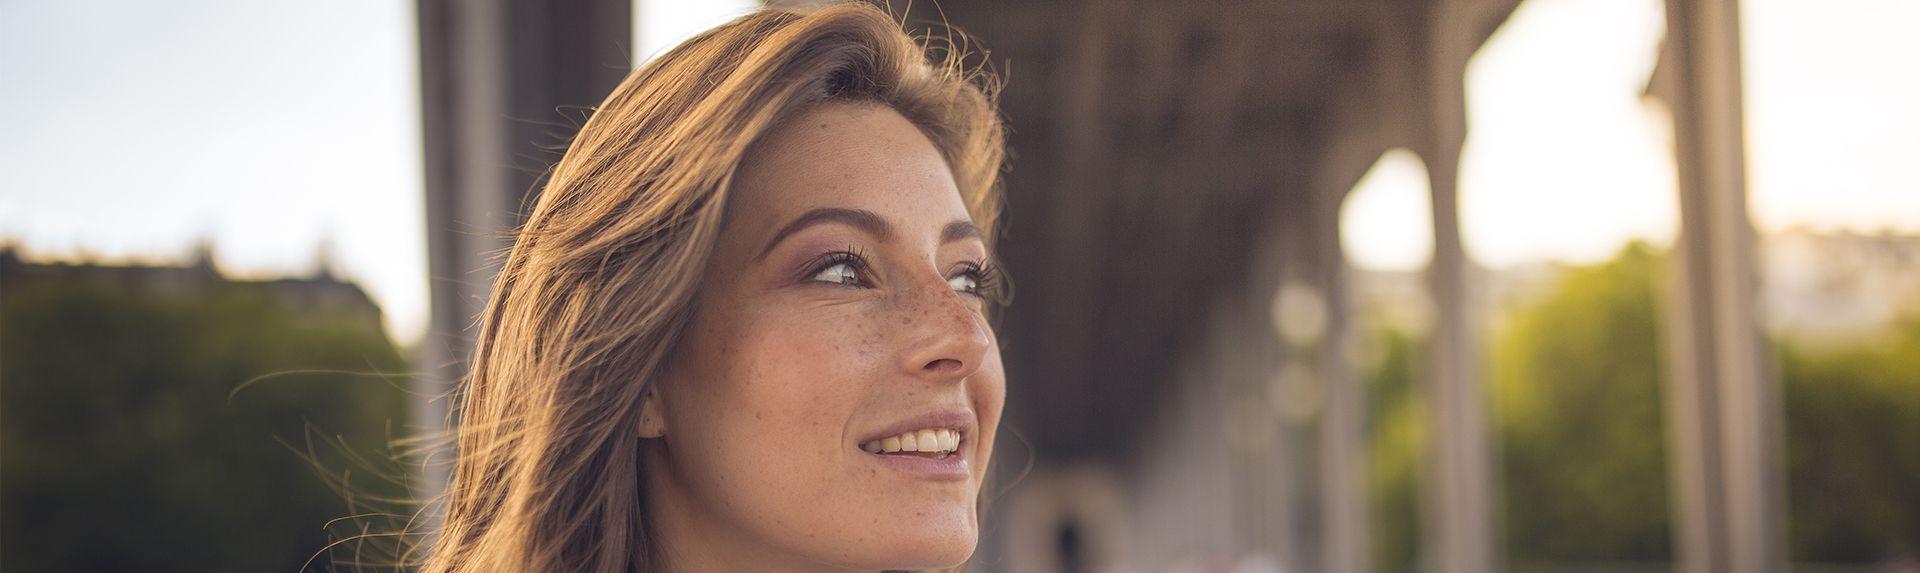 Новые отношения во время и после менопаузы: за и против